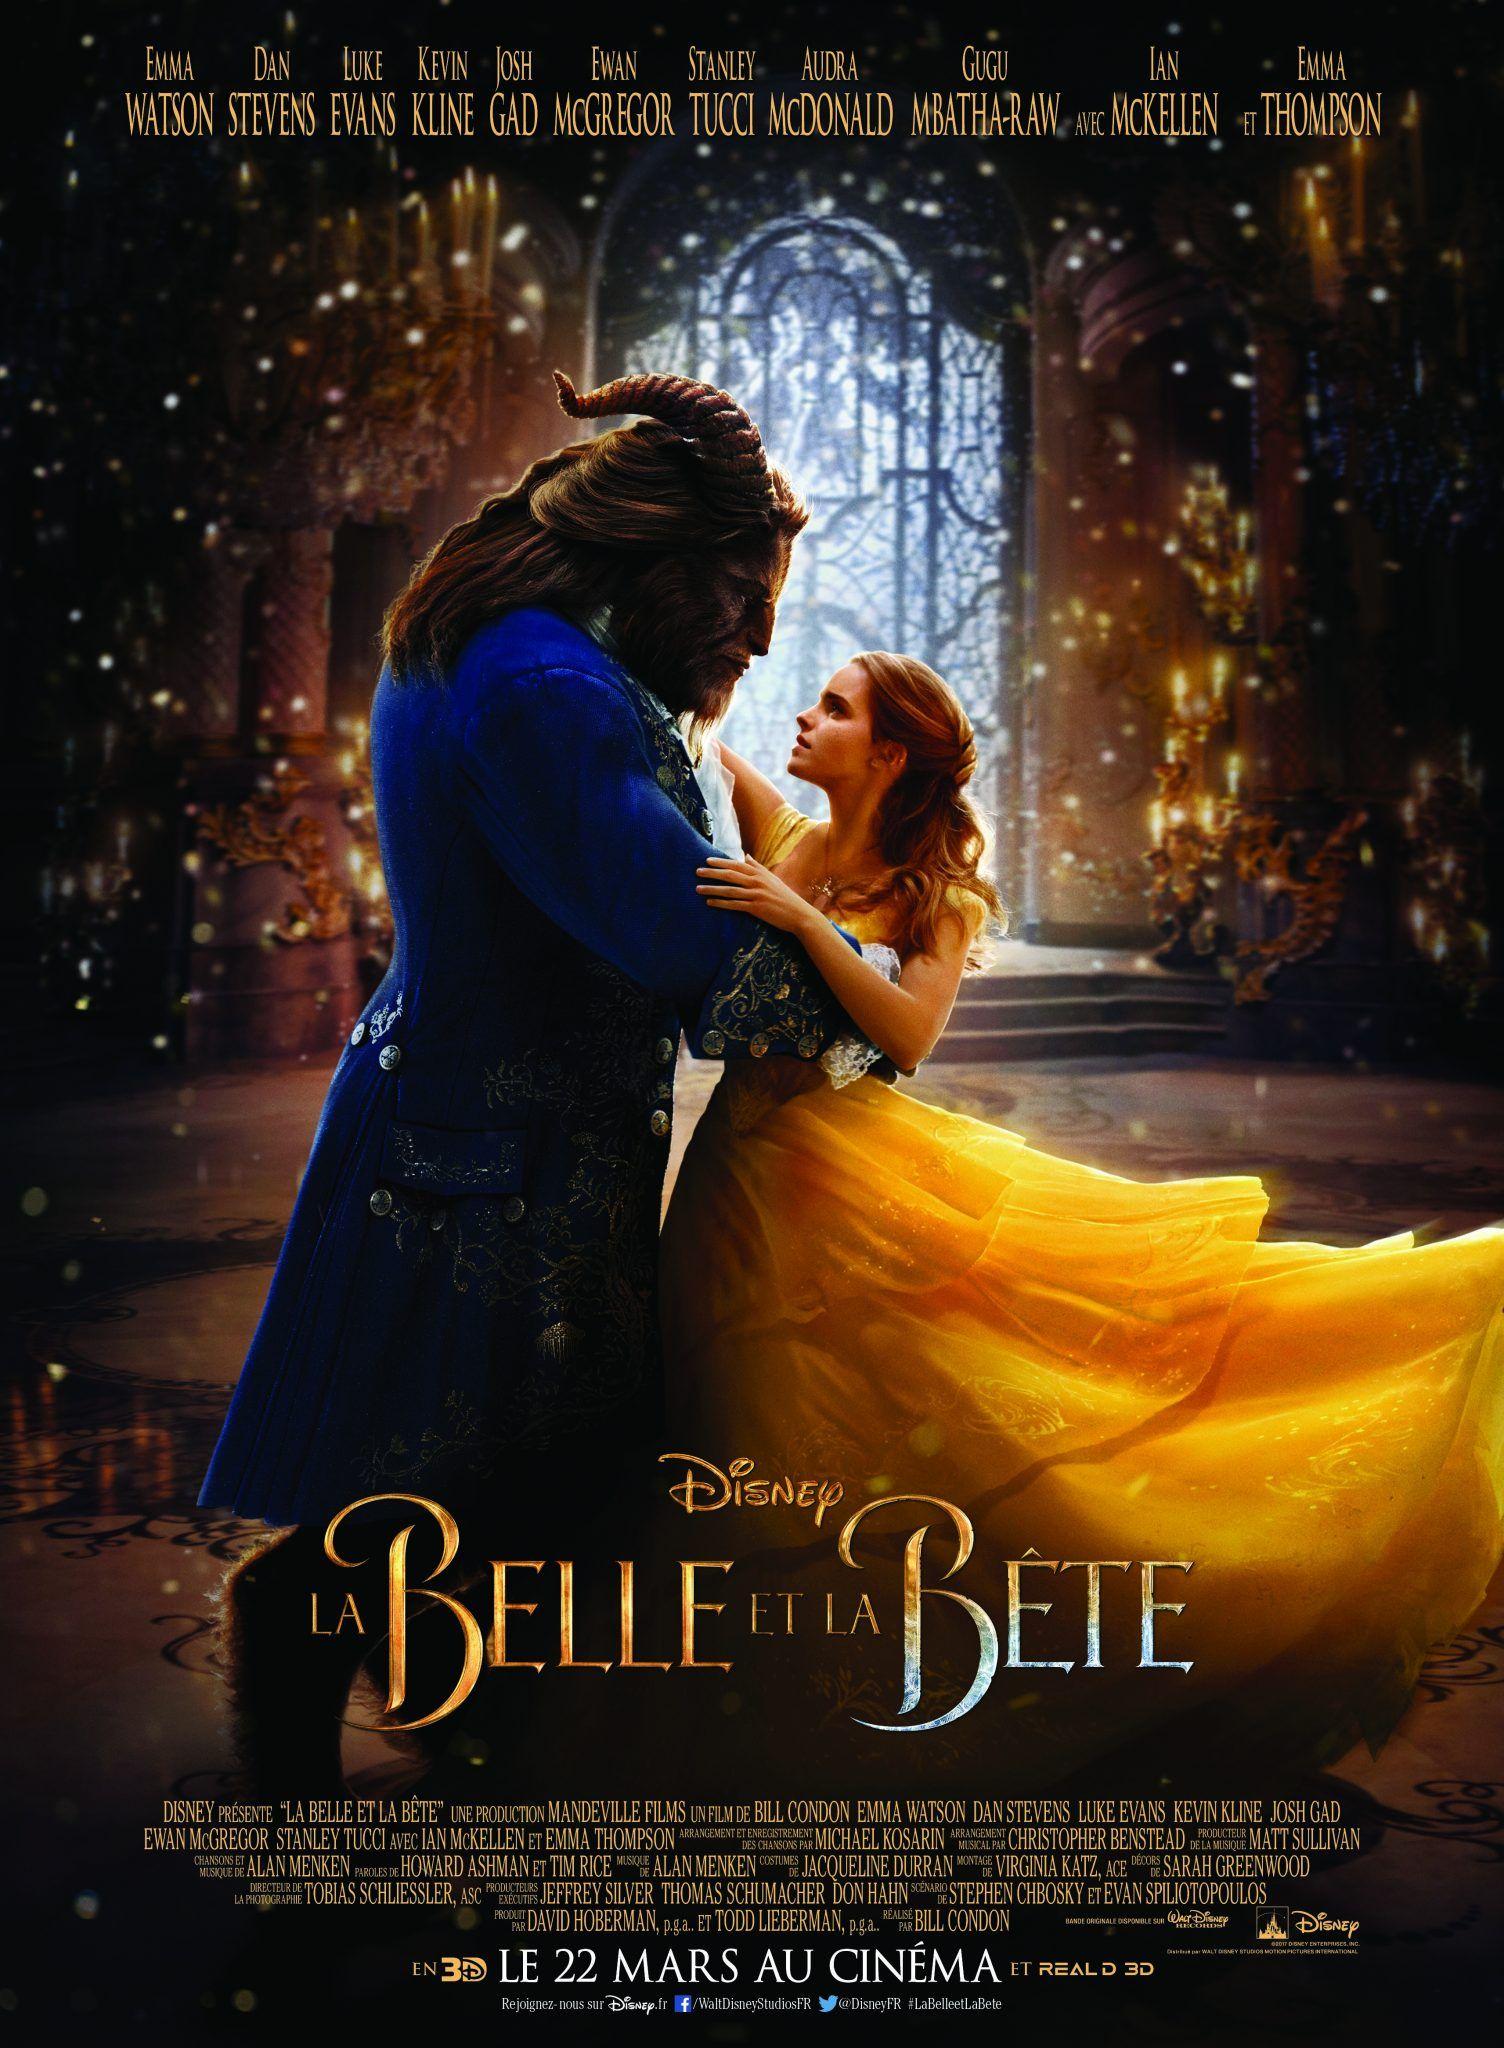 [Critique] « La Belle et la Bête » (2017) L'écho d'une